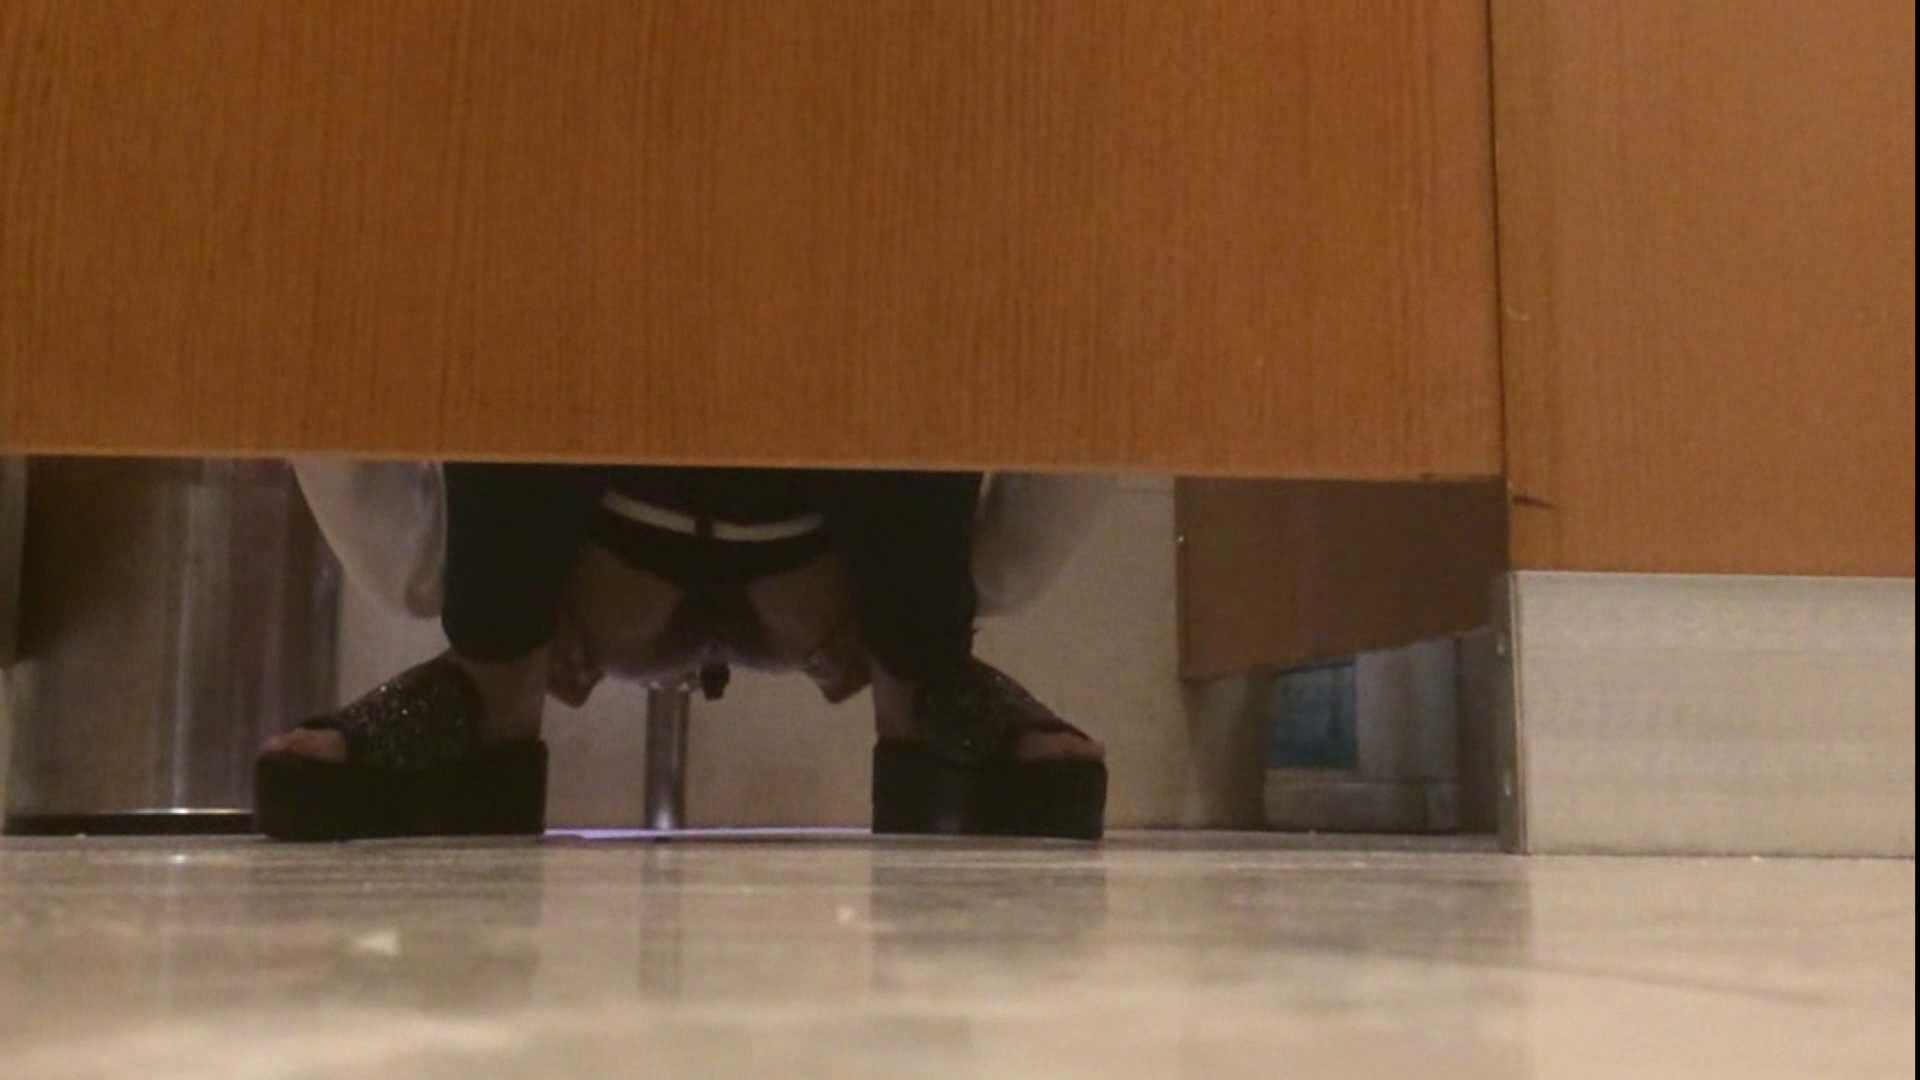 「噂」の国の厠観察日記2 Vol.14 厠 盗み撮りオマンコ動画キャプチャ 61画像 35